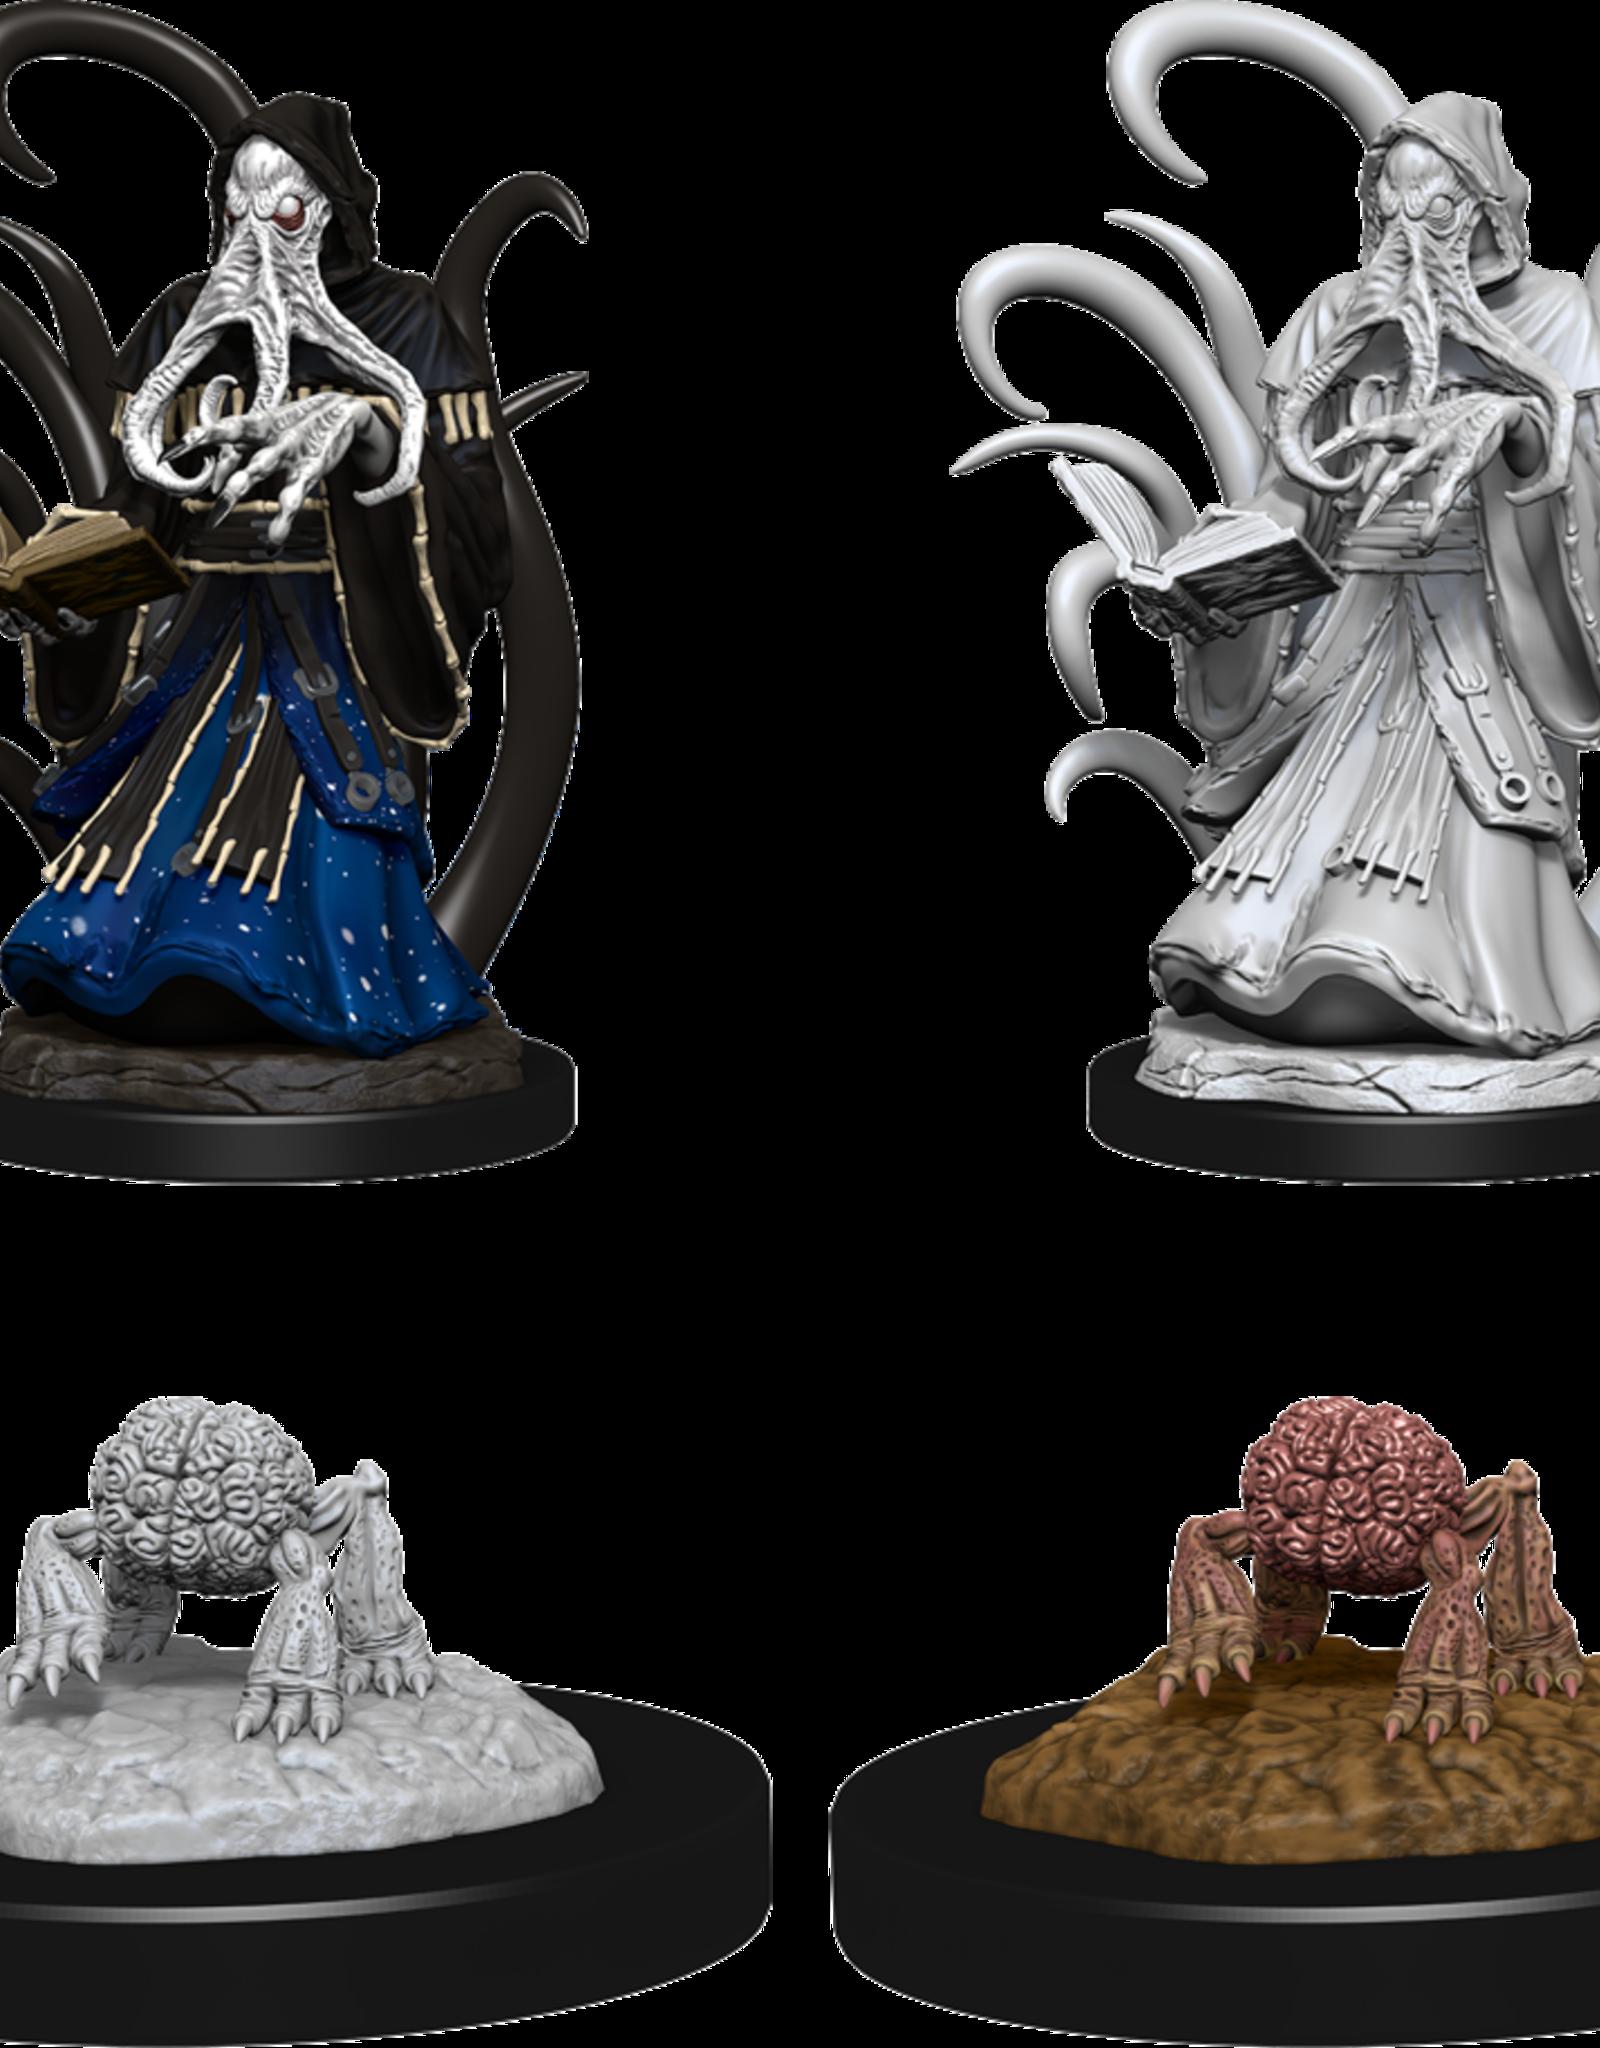 Wizkids D&D Nolzur's Marvelous Miniatures Alhoon and Intellect Devourers